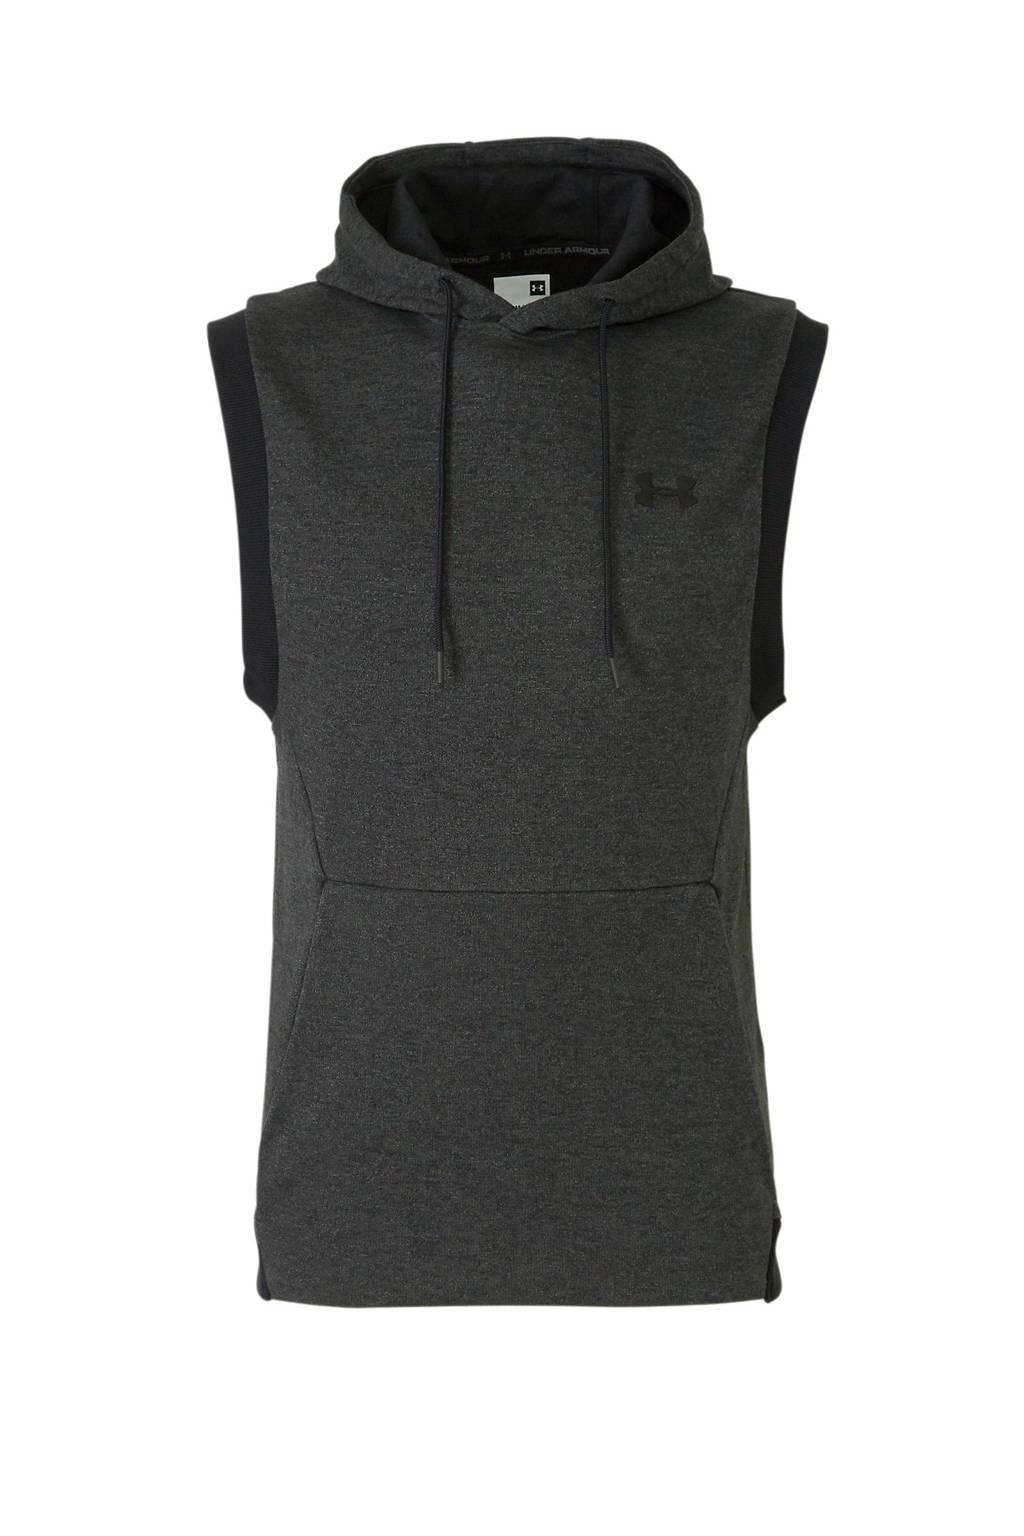 Under Armour   sweater antraciet/zwart, Antraciet/zwart